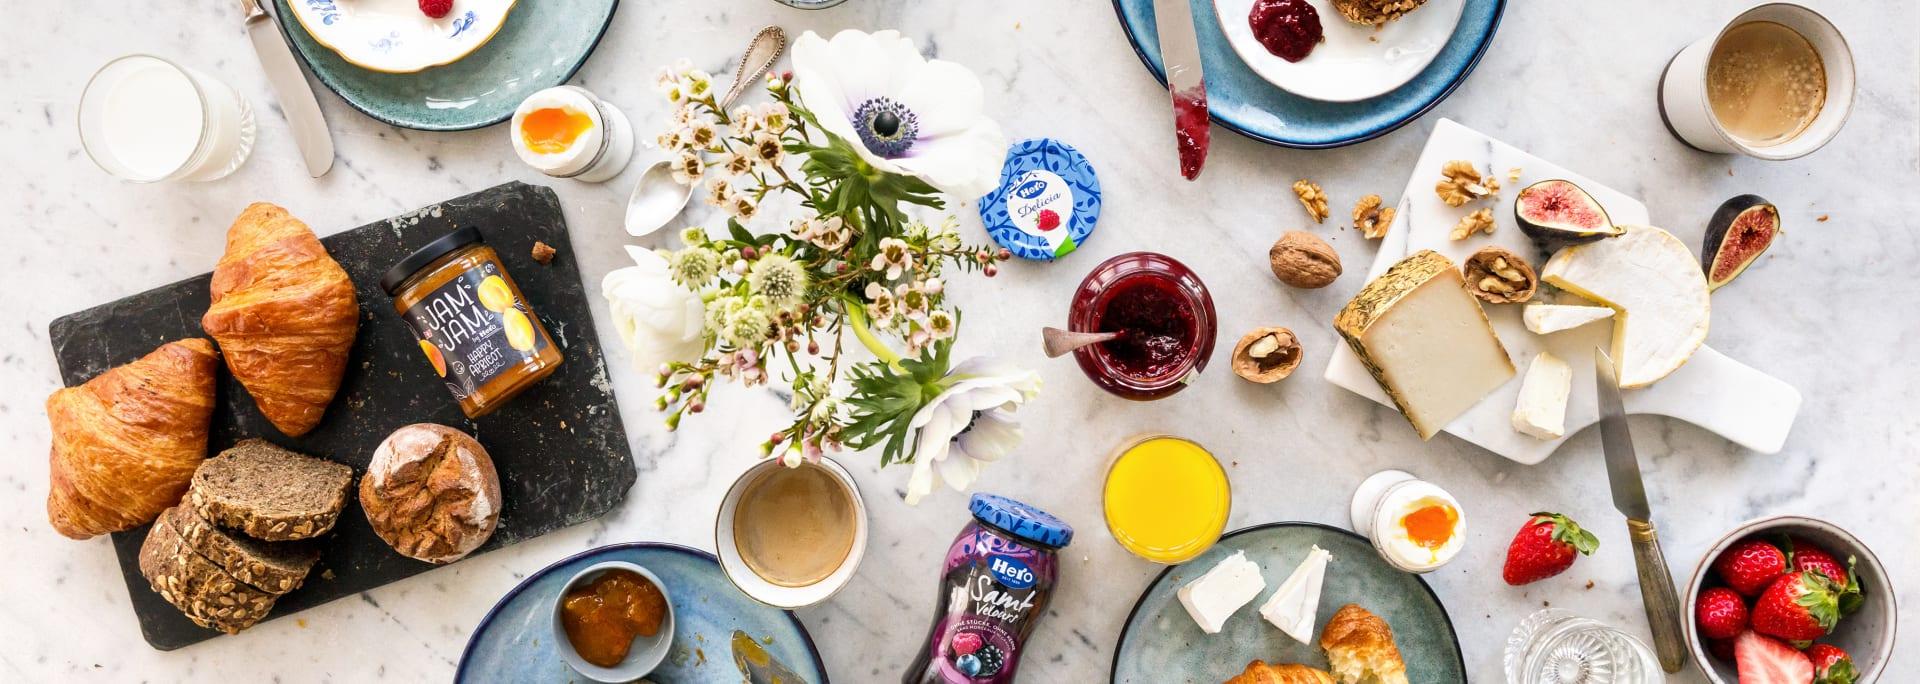 Die erste Mahlzeit des Tages ist ein wahrer Genussmoment. Kaffee, das Konfibrötli und ein wenig Ruhe verschaffen einen guten Start in den Tag. Doch wie sieht das im Rest der Welt aus? Wir haben einen Blick auf vier interessante Fleckchen der Erde geworfen und herausgefunden, wie dort gefrühstückt wird.